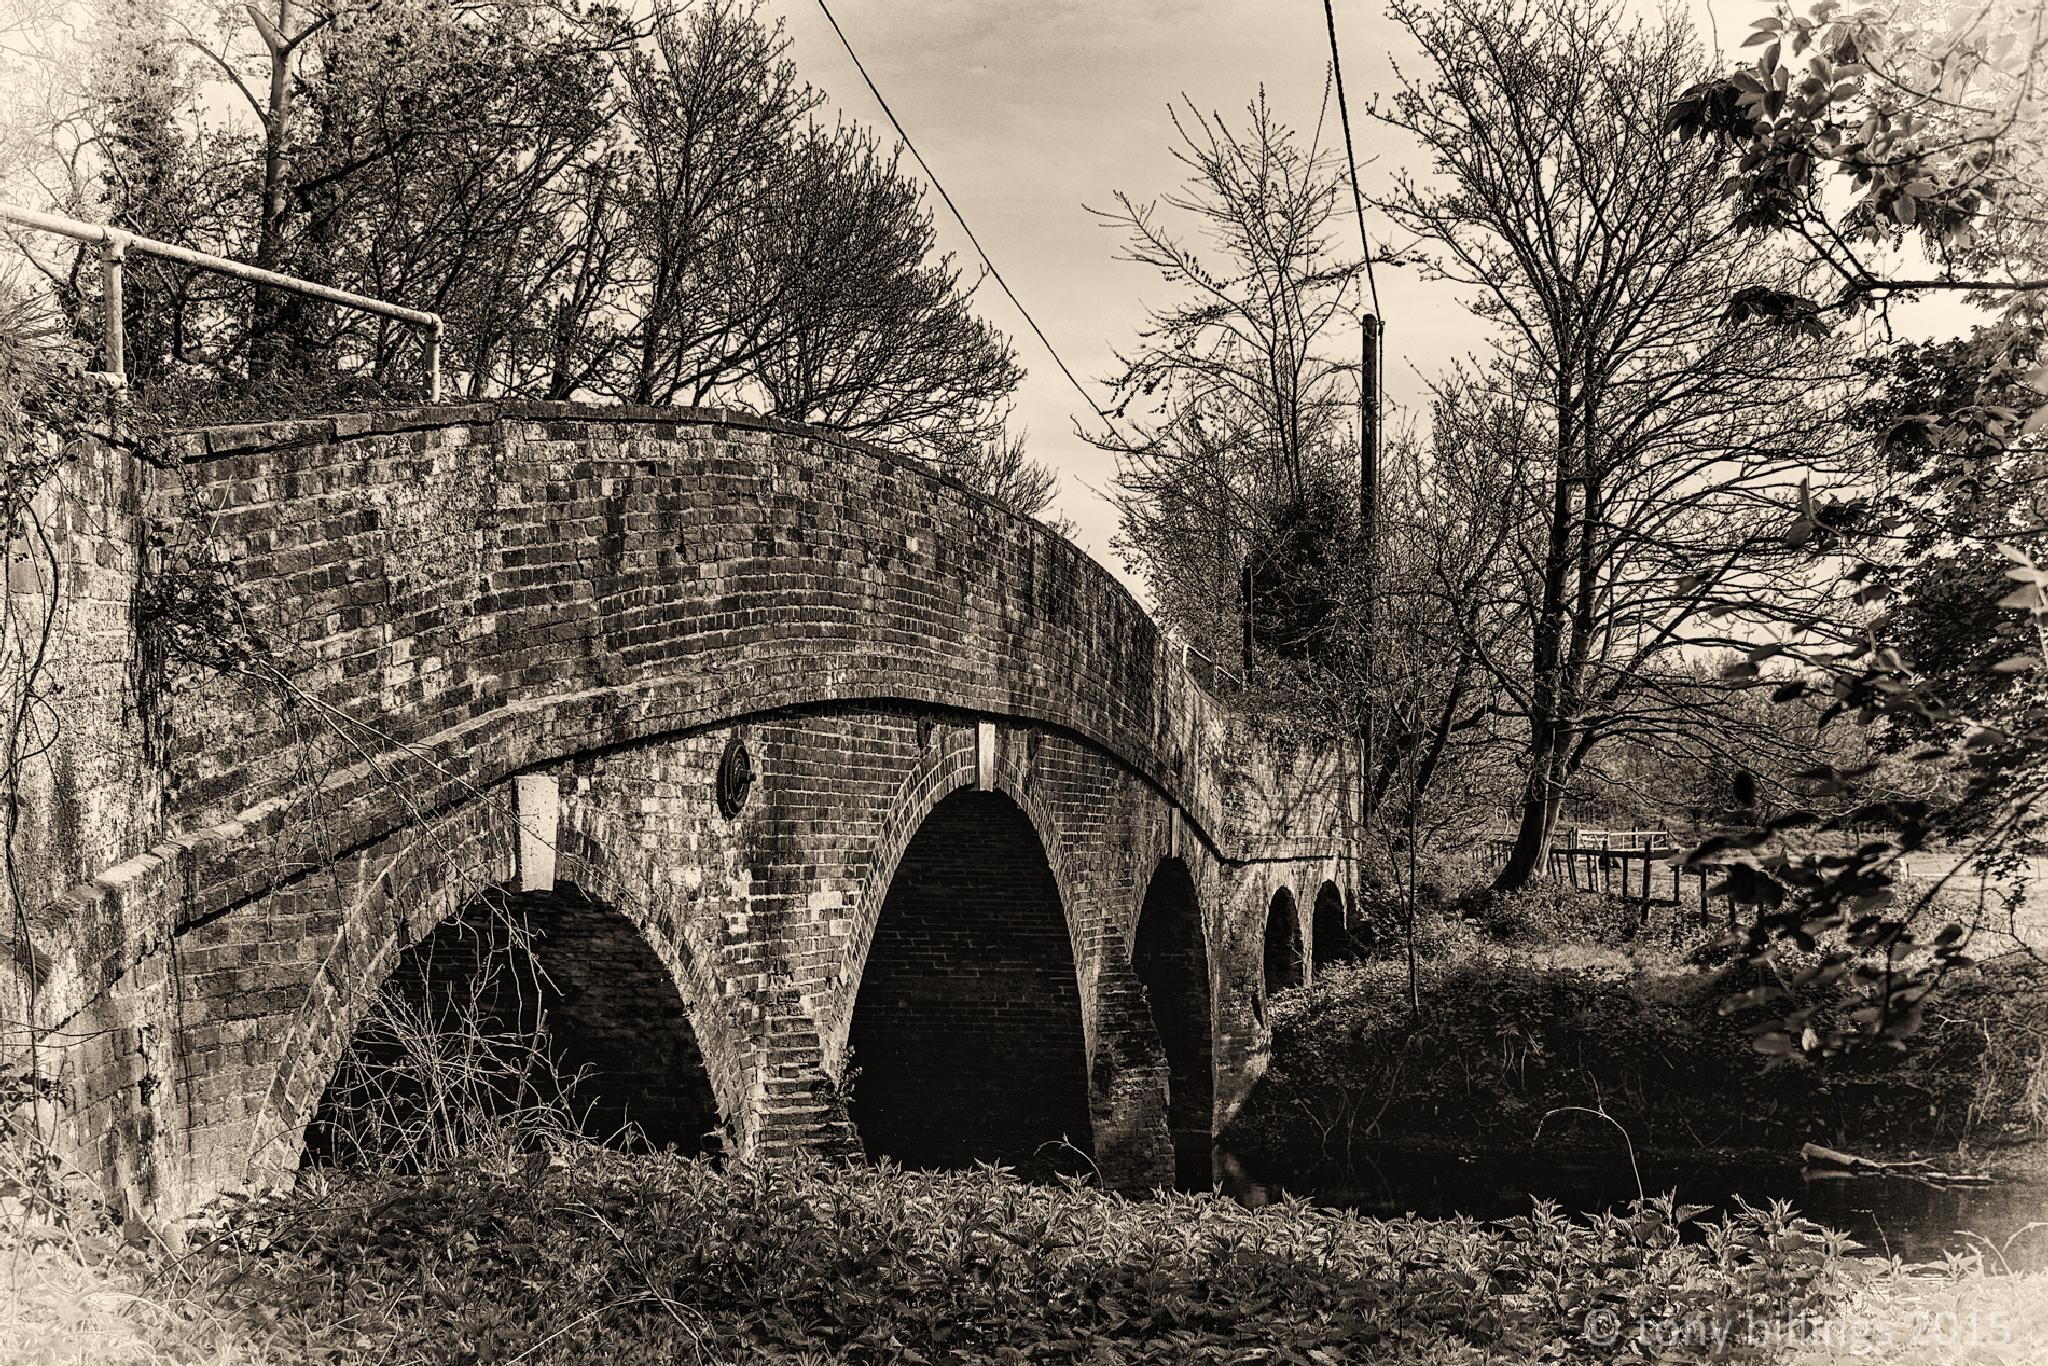 Wickham Mill Bridge by tony billings